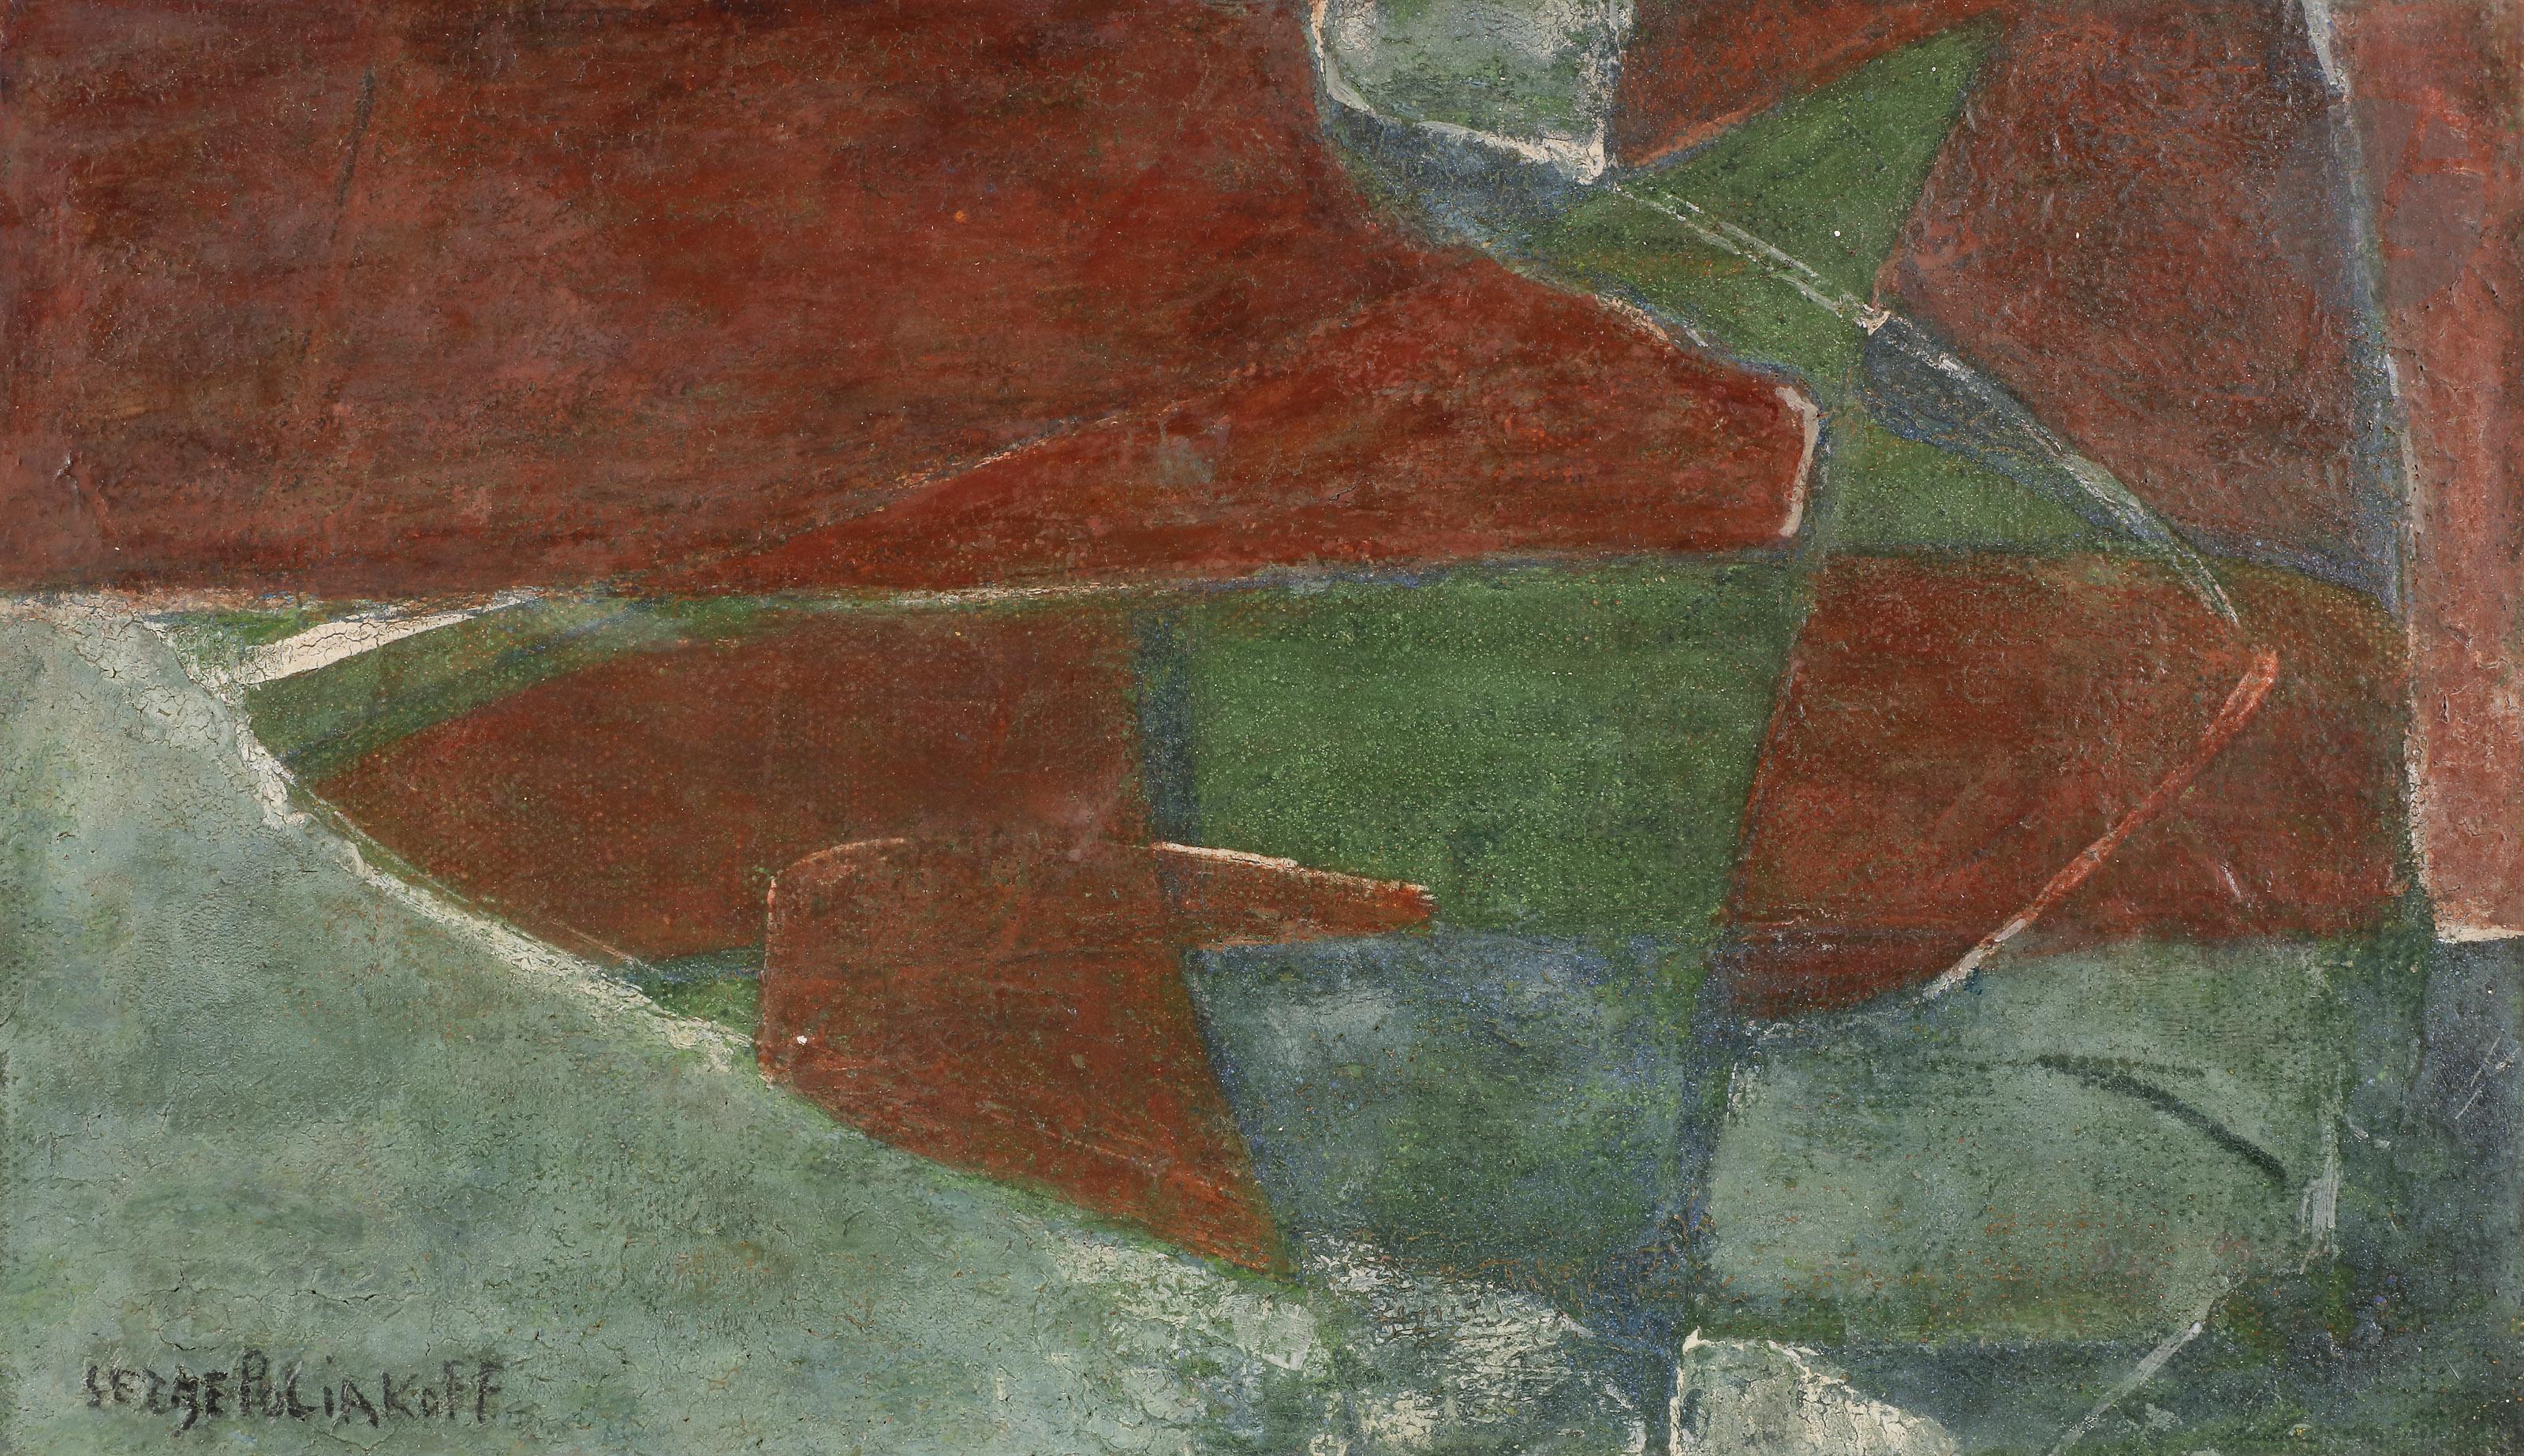 Lot 16 - Serge POLIAKOFF [russe] (1900-1969)Composition, vers 1948Huile sur toile.Signée en bas à gauche. (